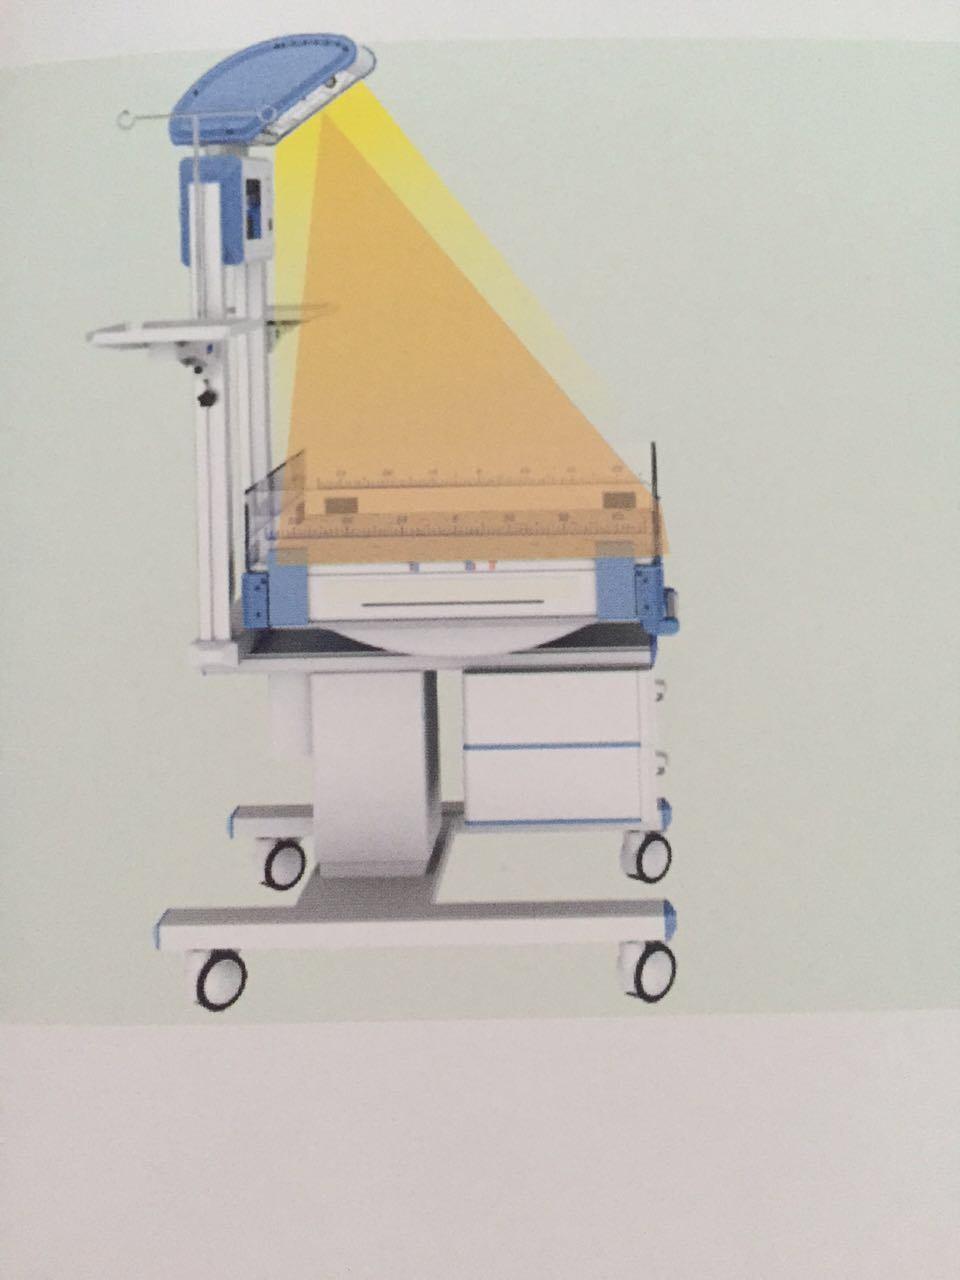 Baby Neonate Infant Radiant Warmer (SC-BN200)